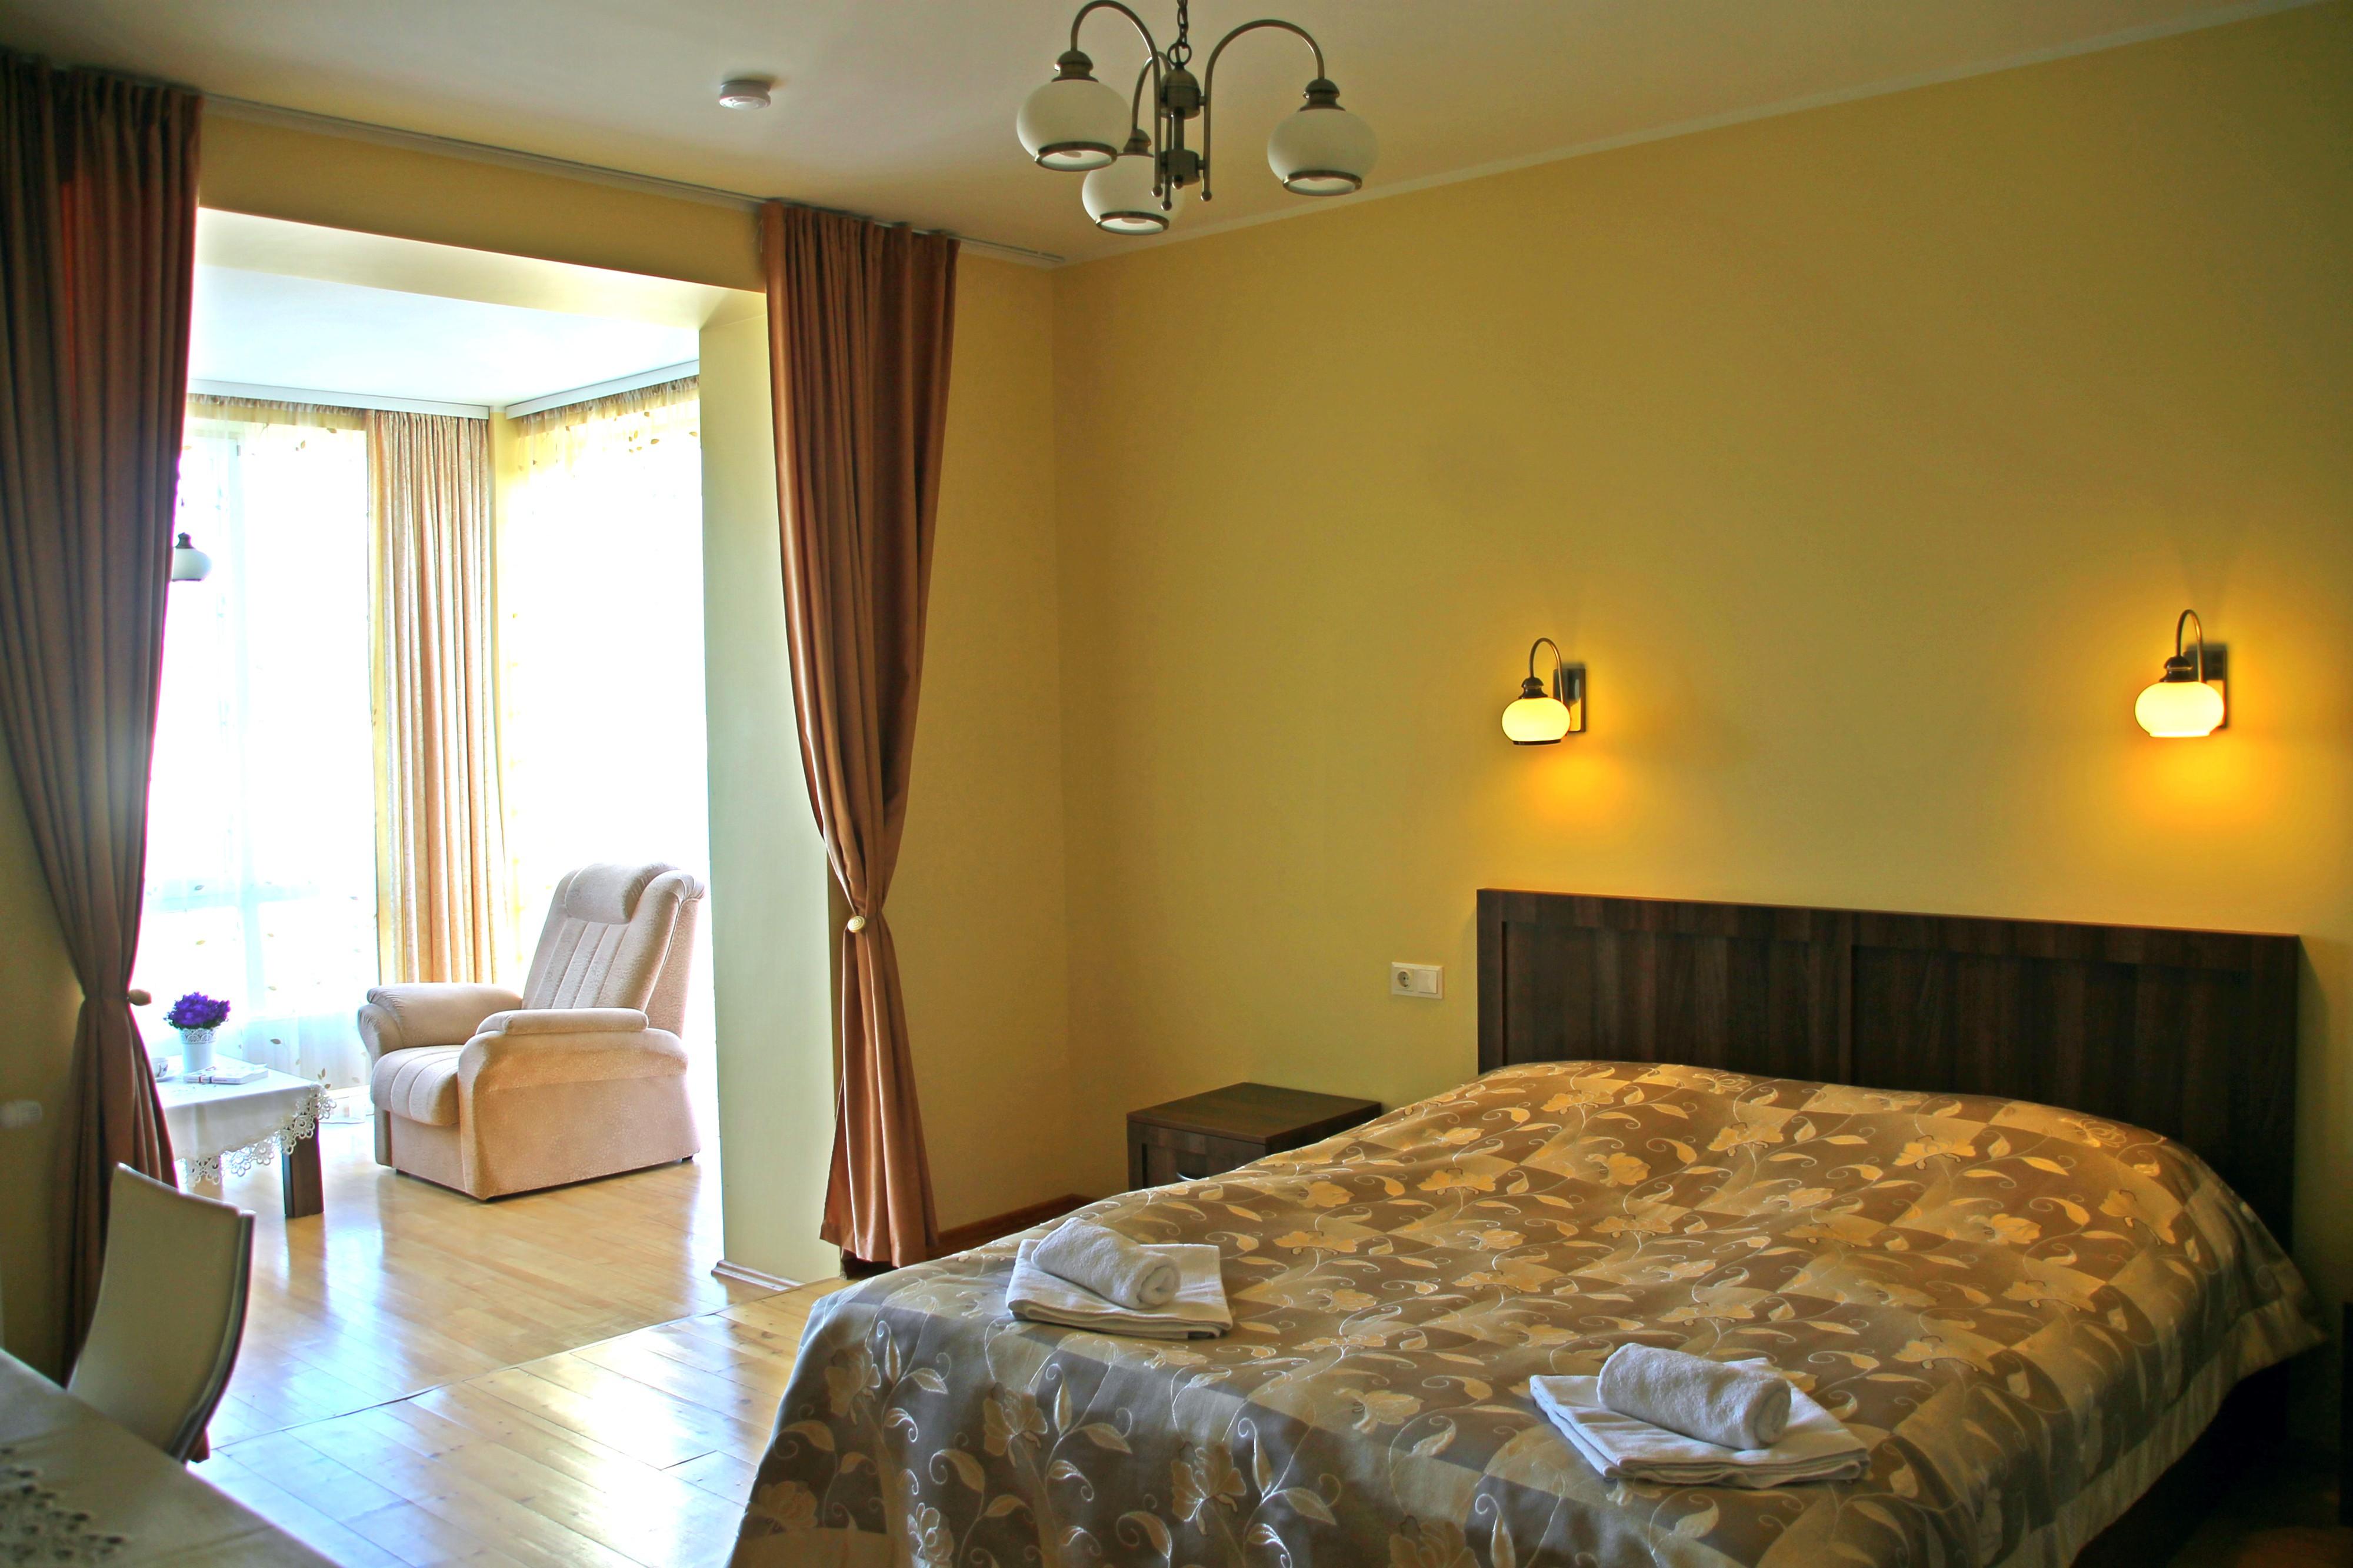 Patogus keturvietis / Comfortable quadruple room /Удобный четырехместный номер